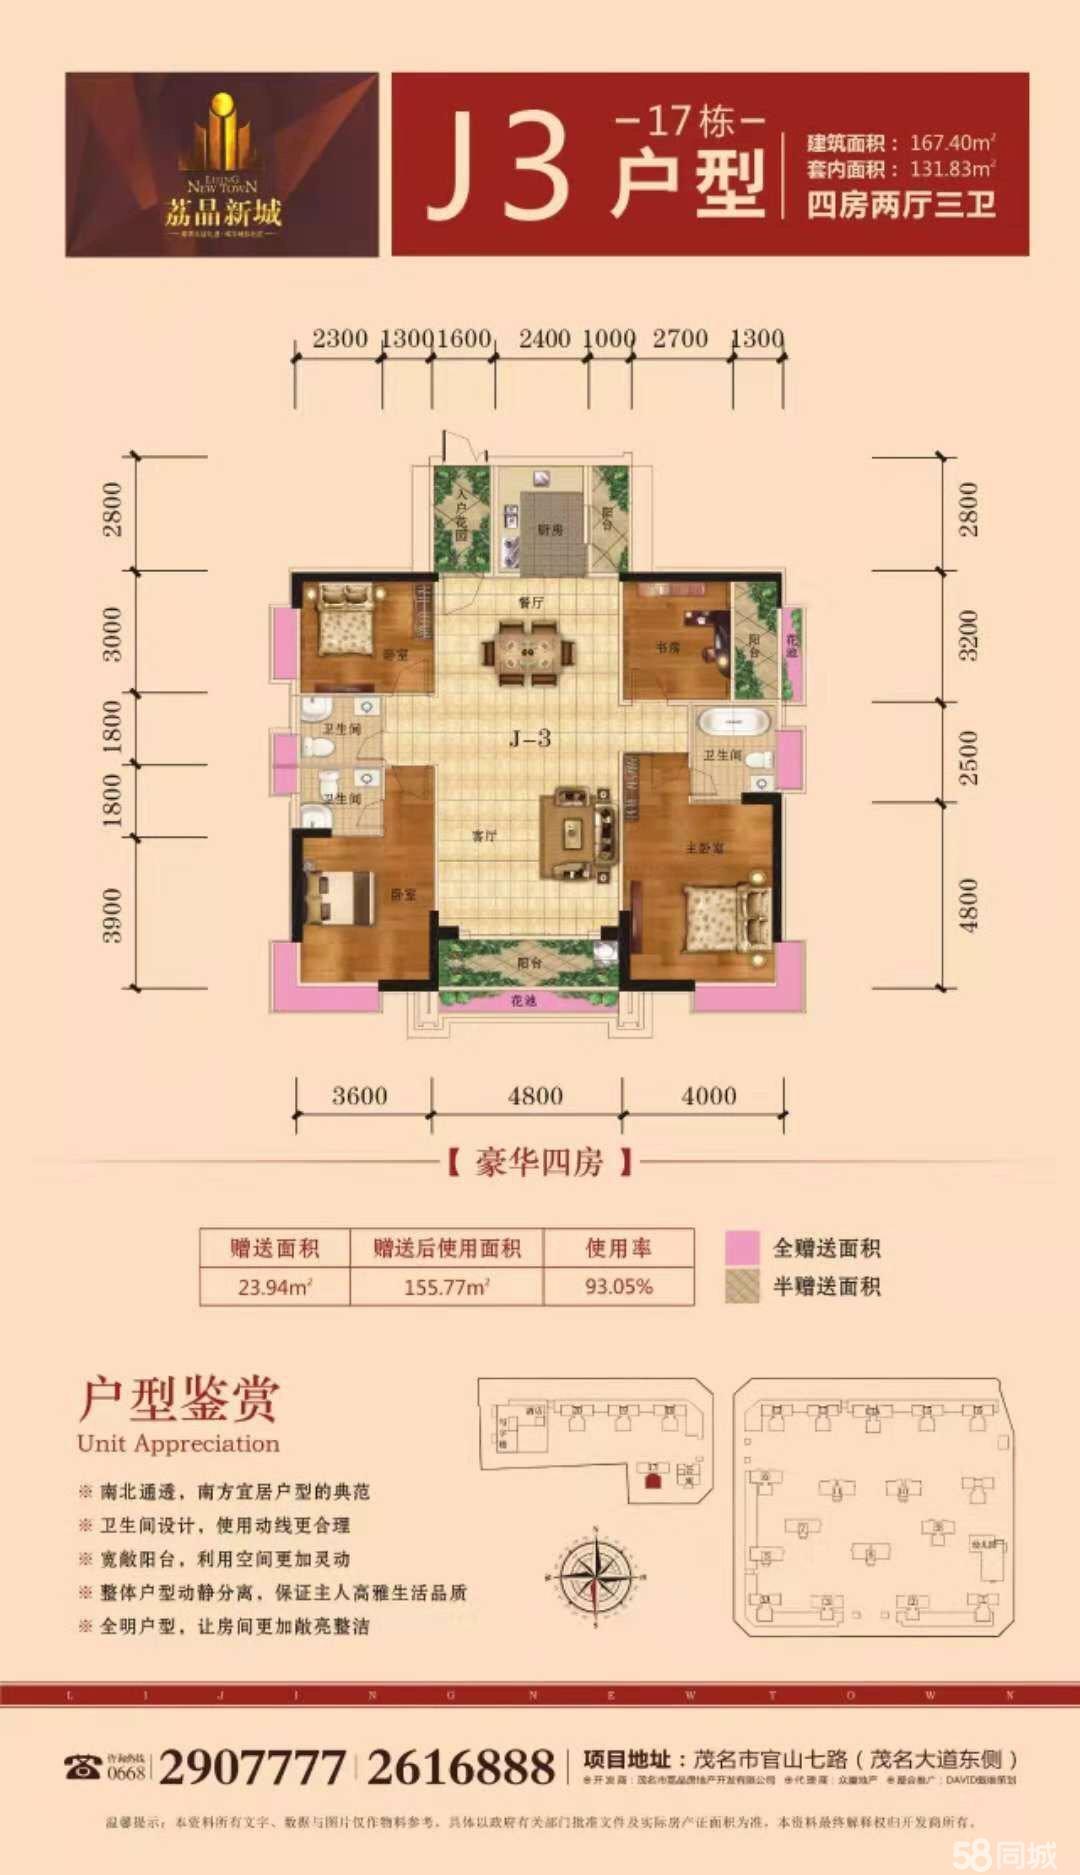 绝版包改名荔晶新城超靓楼层特靓户型4房2厅仅售162万